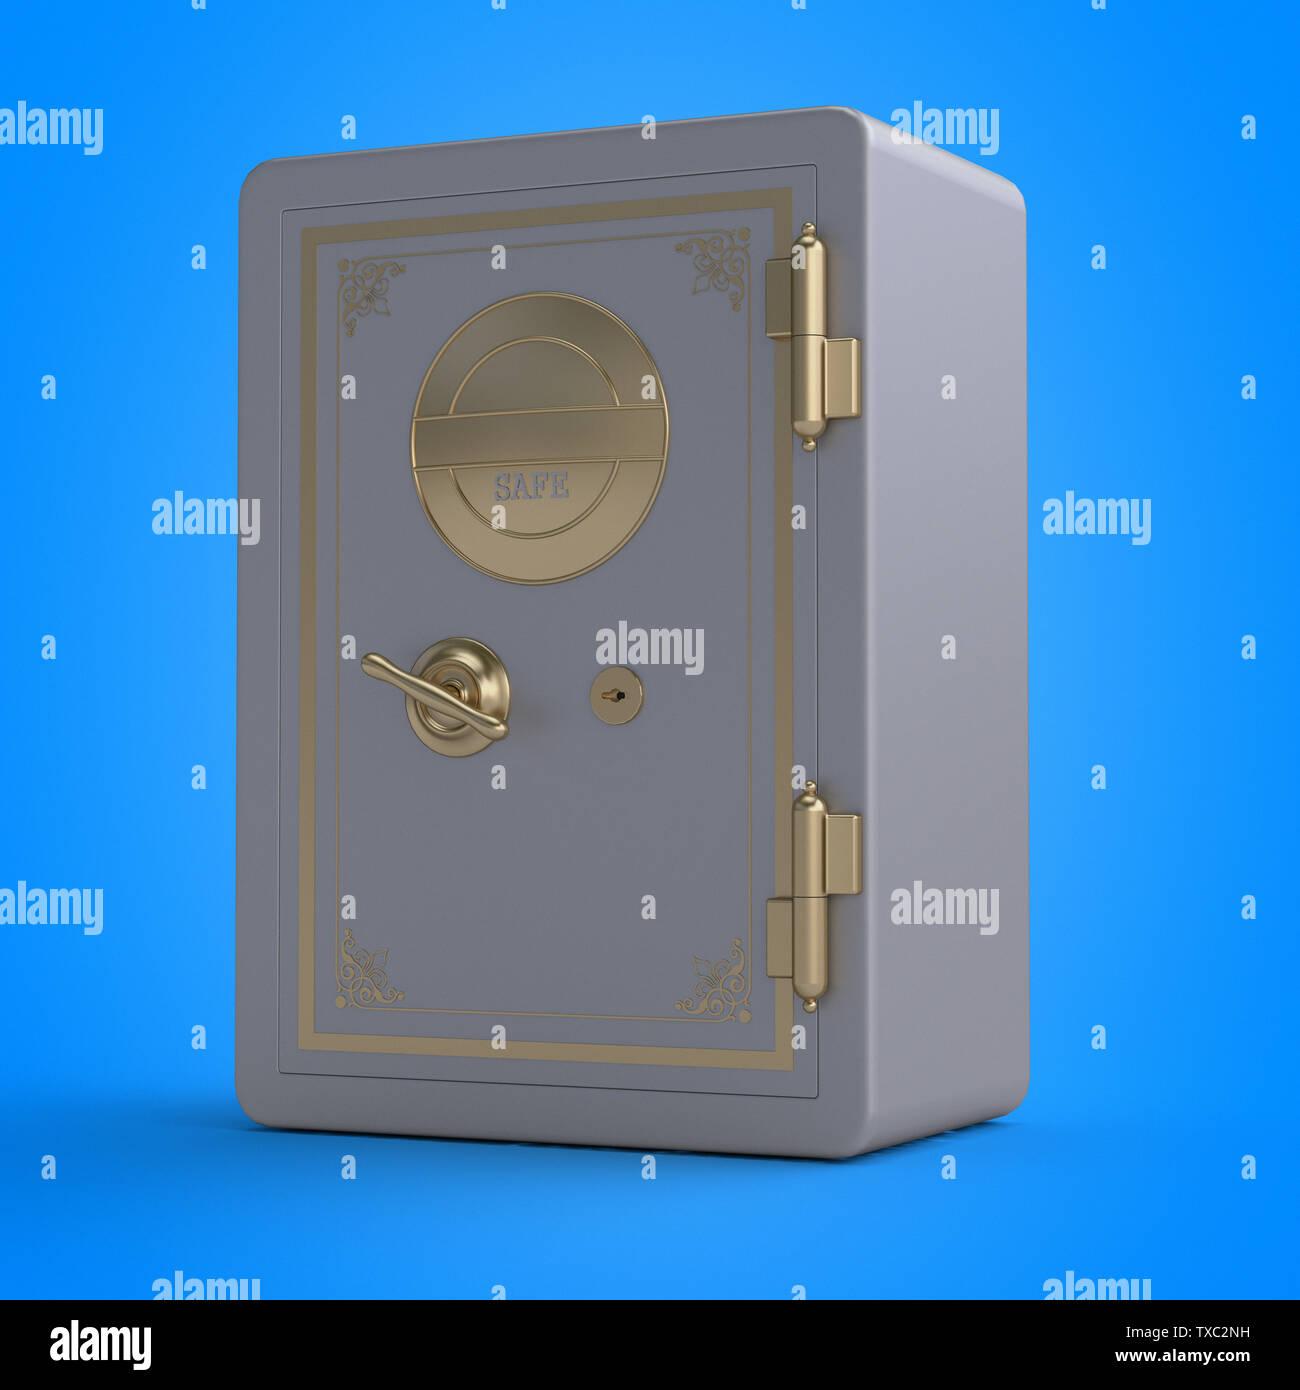 3d rendered illustration of a safe - Stock Image